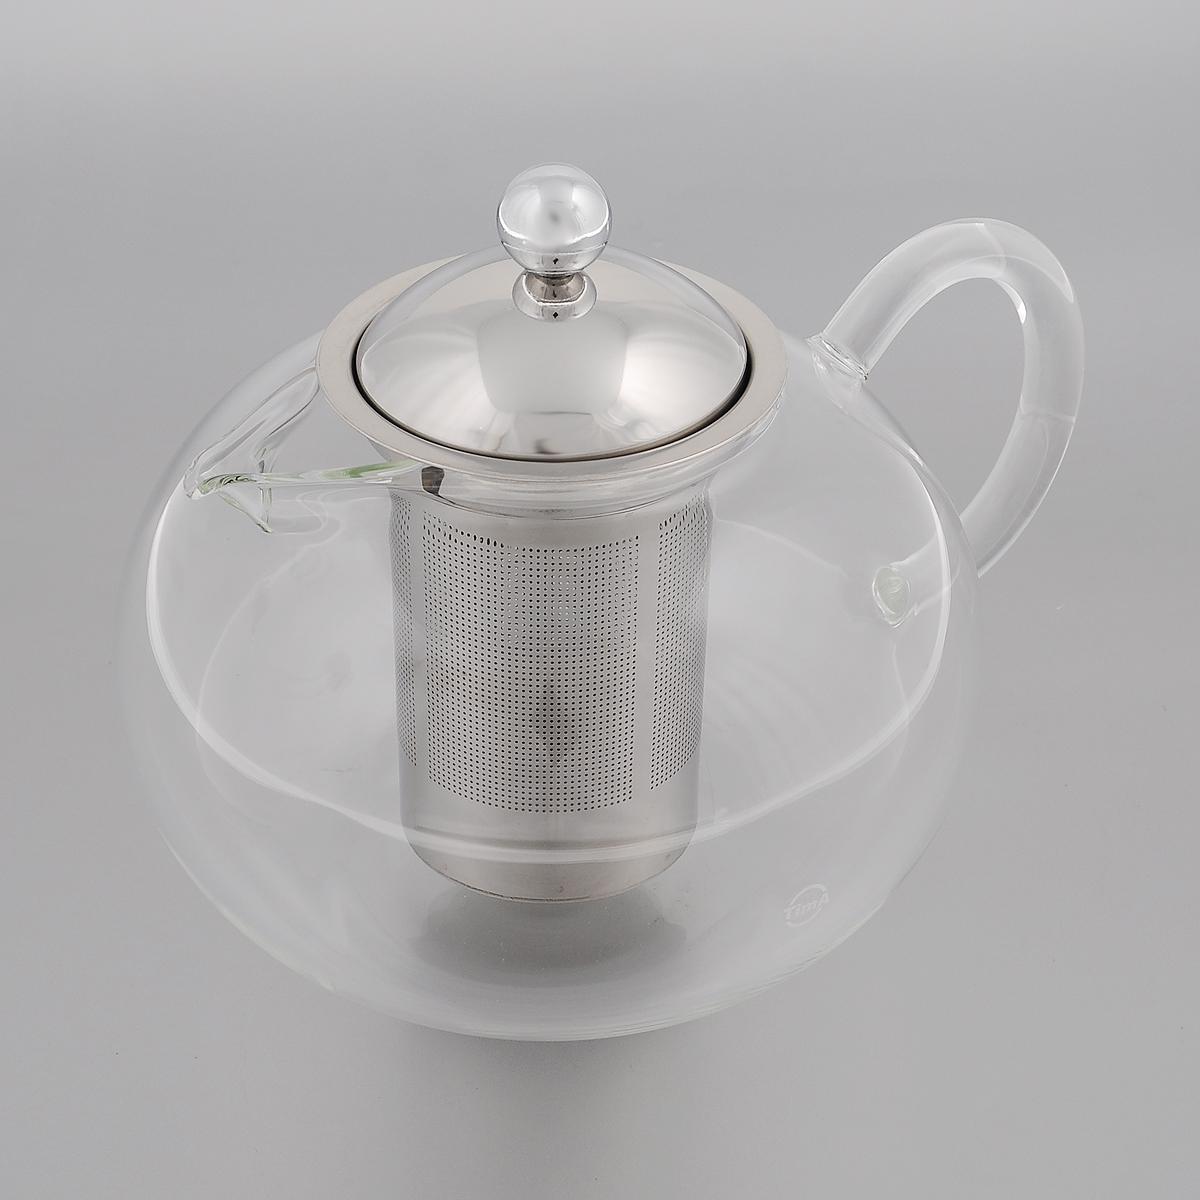 Чайник заварочный TimA Бергамот, 1,5 л54 009312Заварочный чайник TimA Бергамот изготовлен из термостойкого боросиликатного стекла - прочного износостойкого материала. Чайник оснащен фильтром и крышкой из нержавеющей стали.Простой и удобный чайник поможет вам приготовить крепкий, ароматный чай. Дизайн изделия создает гипнотическую атмосферу через сочетание полупрозрачного цвета и хромированных элементов. Можно мыть в посудомоечной машине. Не использовать в микроволновой печи.Диаметр (по верхнему краю): 7,5 см.Высота (без учета крышки): 10,5 см.Высота фильтра: 10 см.